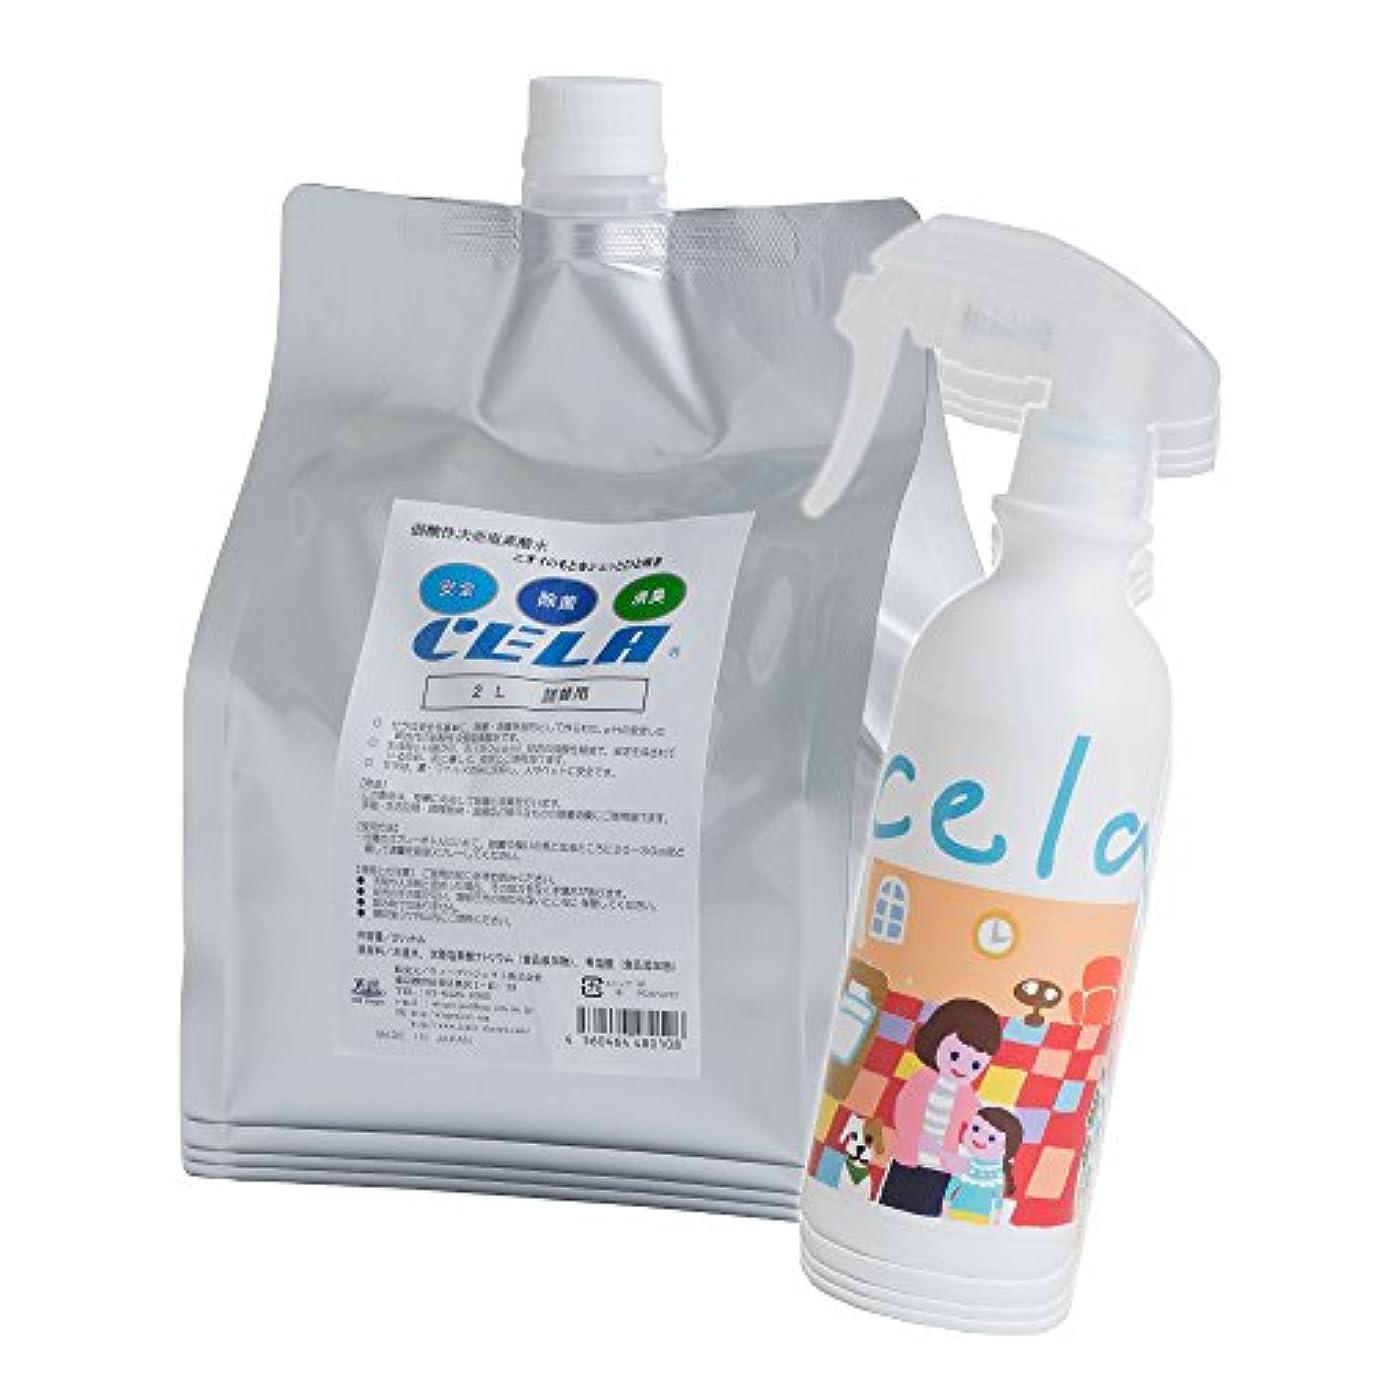 願望正当なリンク弱酸性次亜塩素酸水【CELA(セラ)】300ミリリットルスプレーボトル&2リットル詰め替え用アルミパックセット